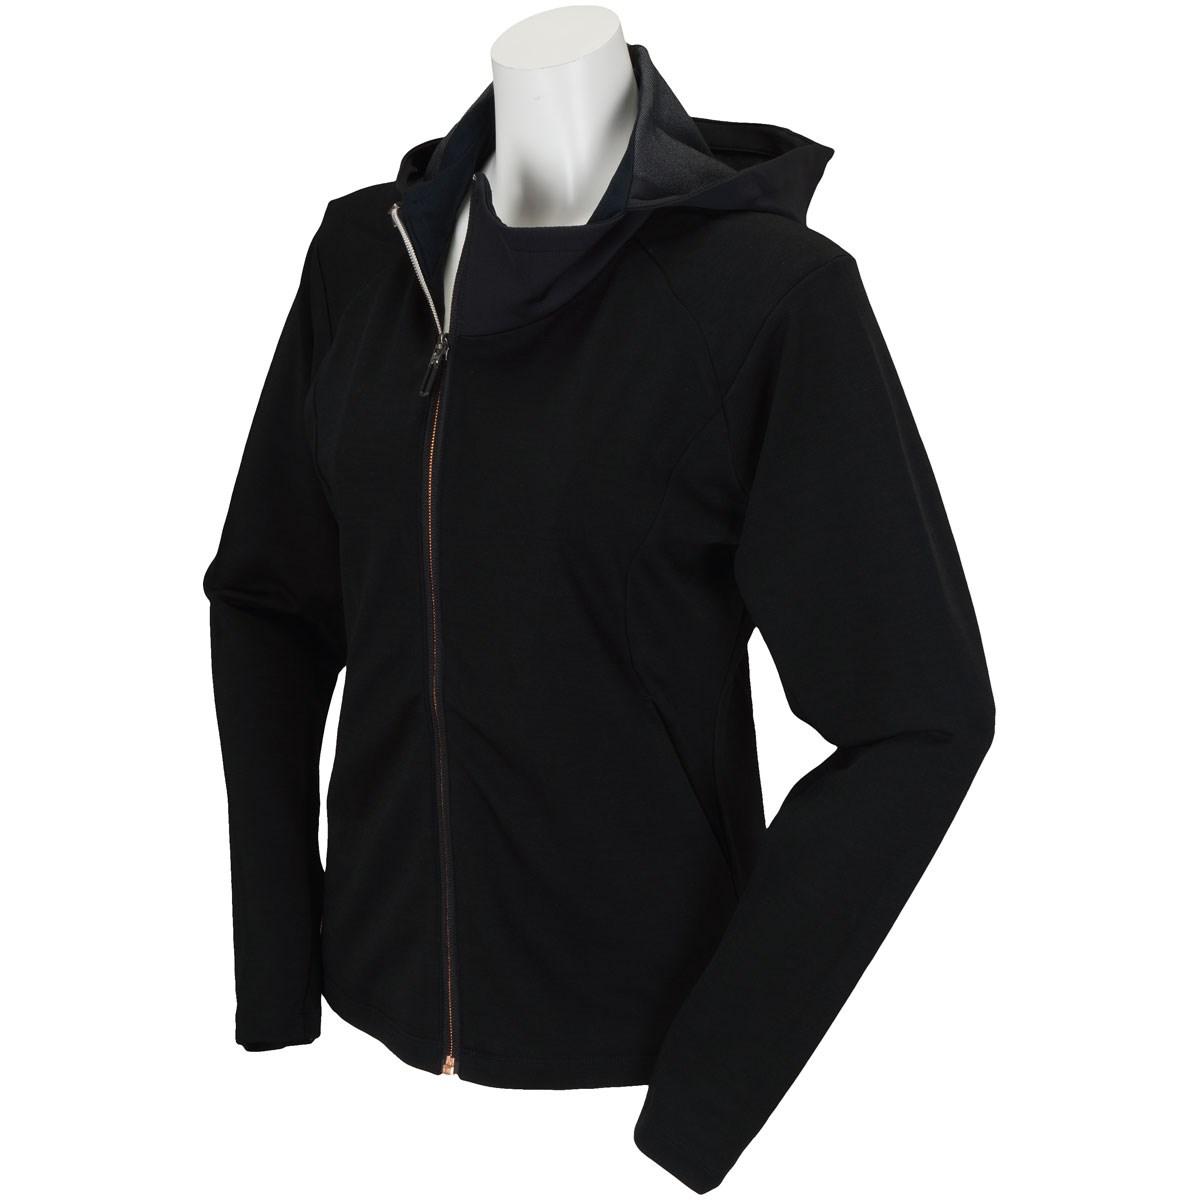 デサントゴルフ DESCENTE GOLF ジャージージャケット S ブラック レディス